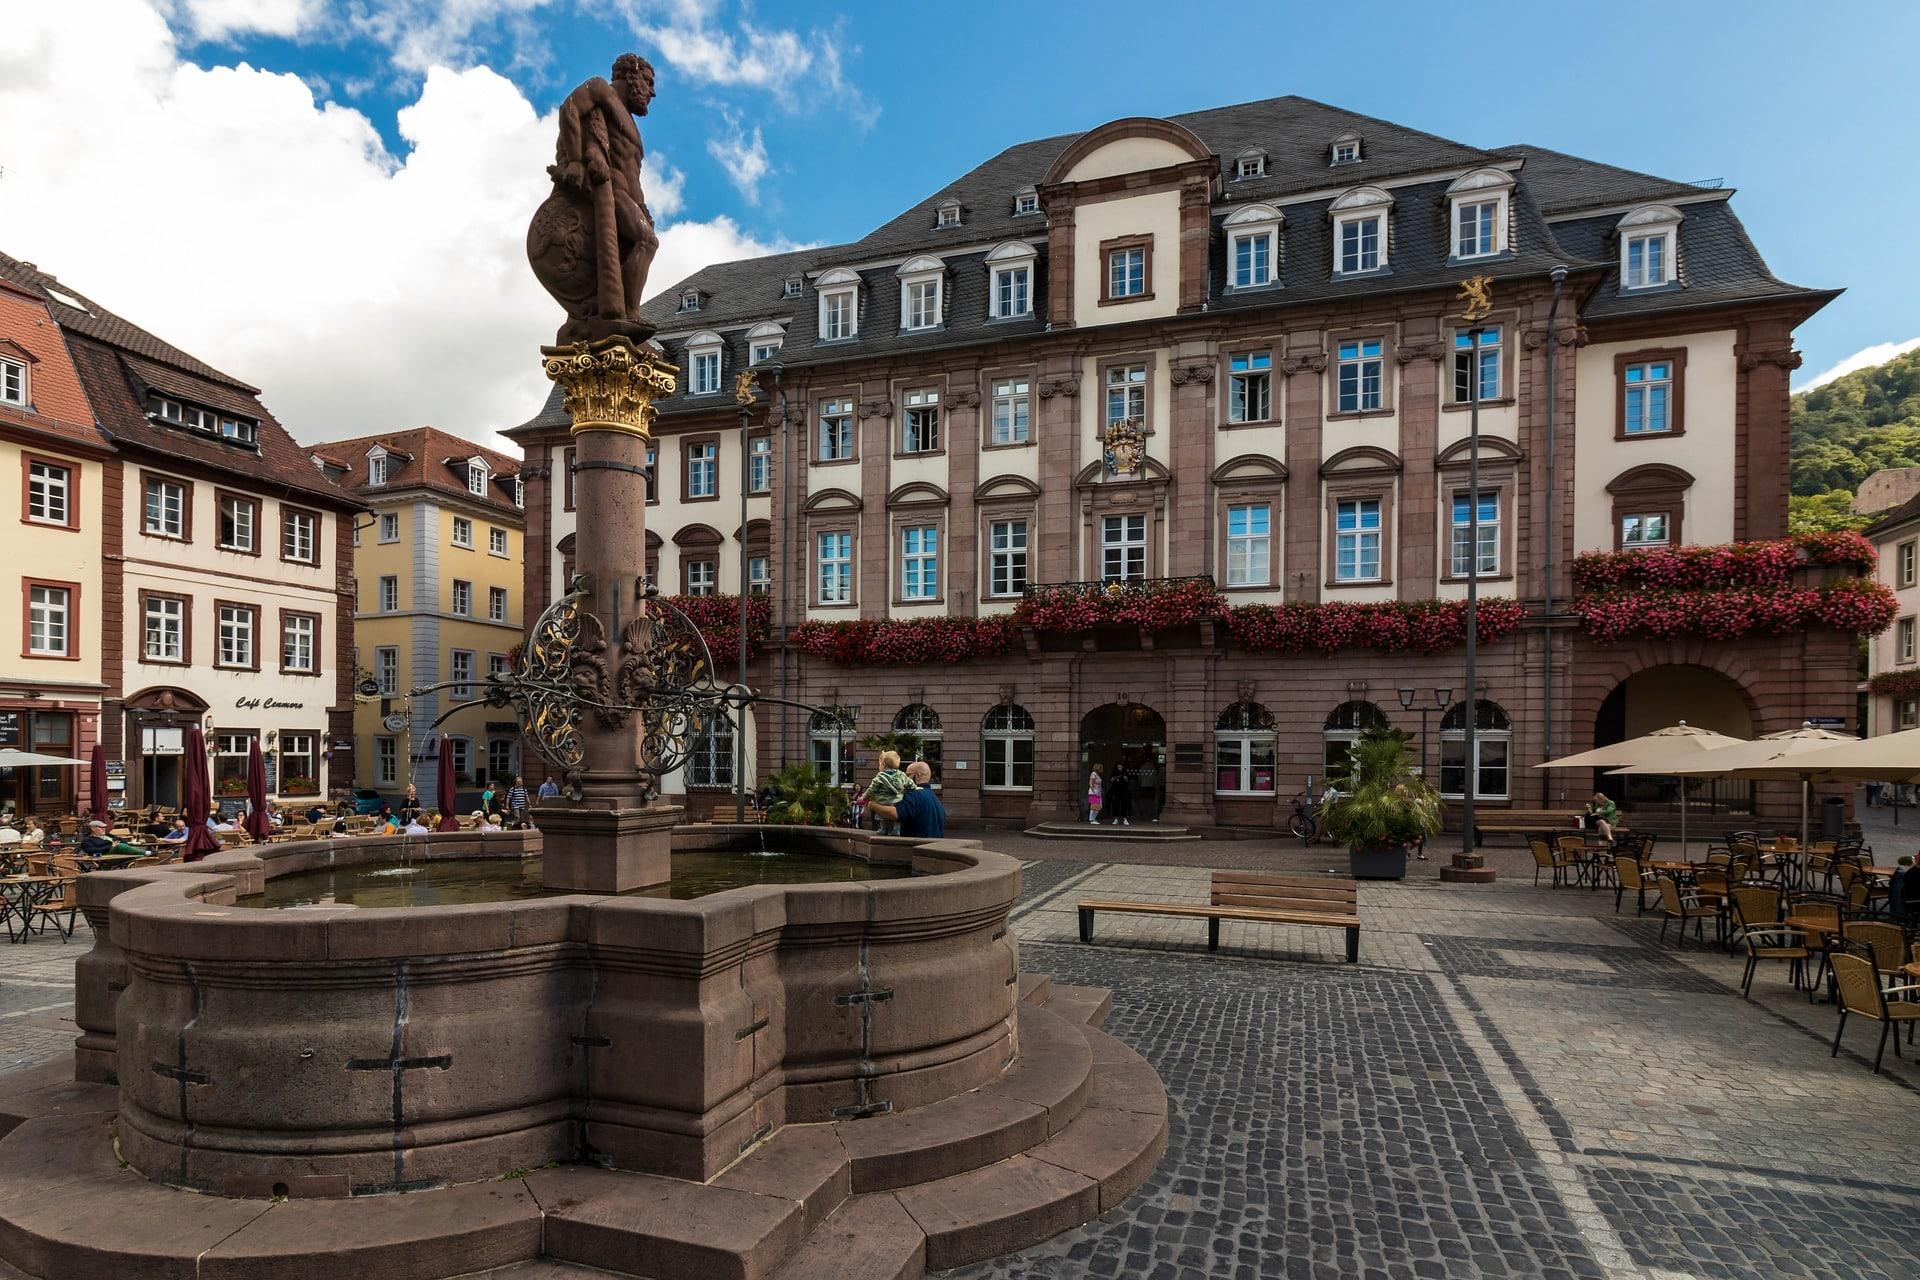 Heidelberg Sehenswürdigkeiten Altes Rathaus Markplatz